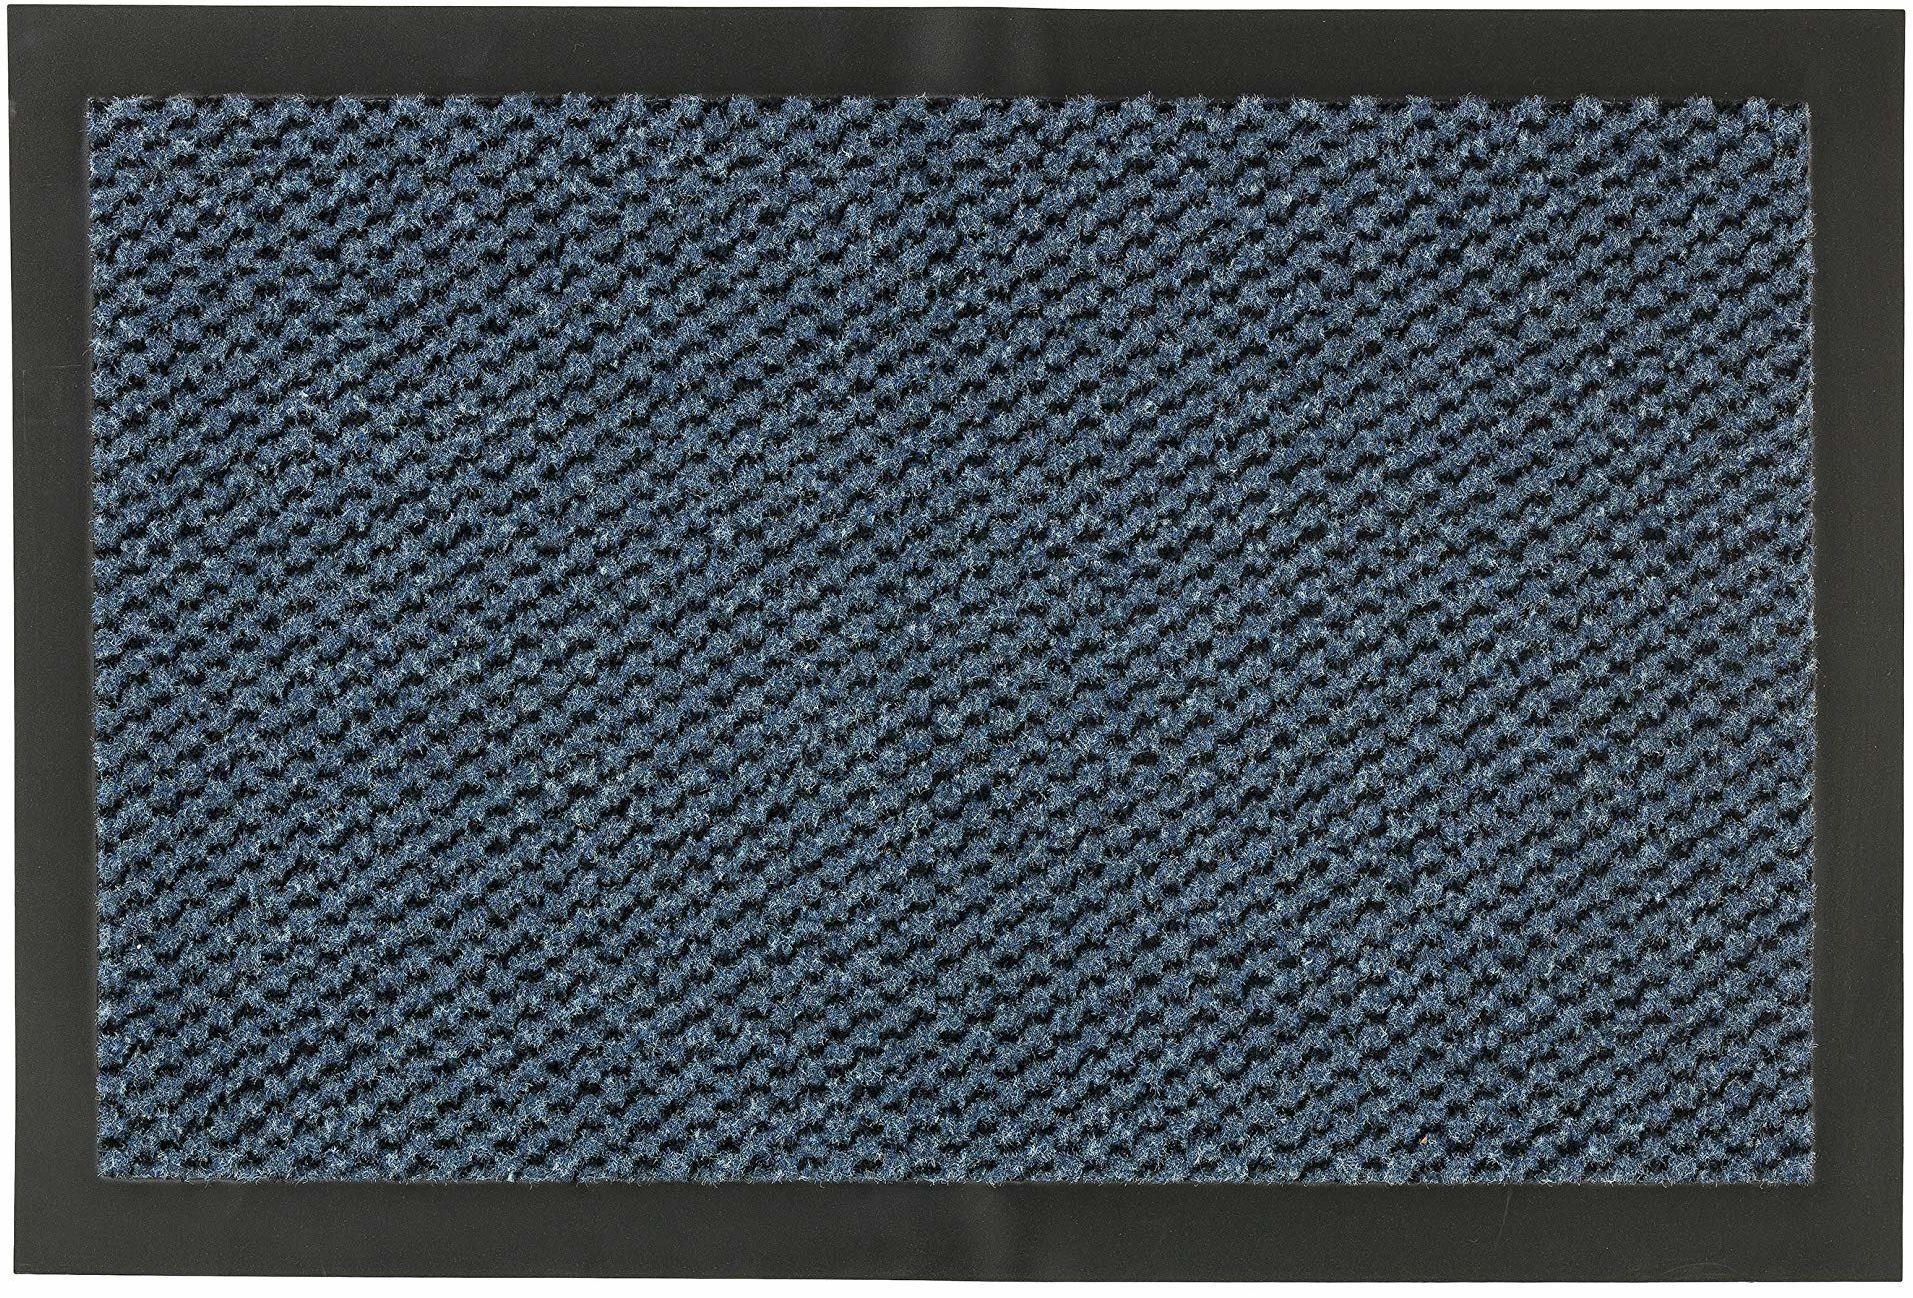 Wycieraczka Nela do wnętrz - wycieraczka szybko schnie - antypoślizgowa poślizgowa - prosta wycieraczka - 60 x 80 cm - niebieska melanżowa